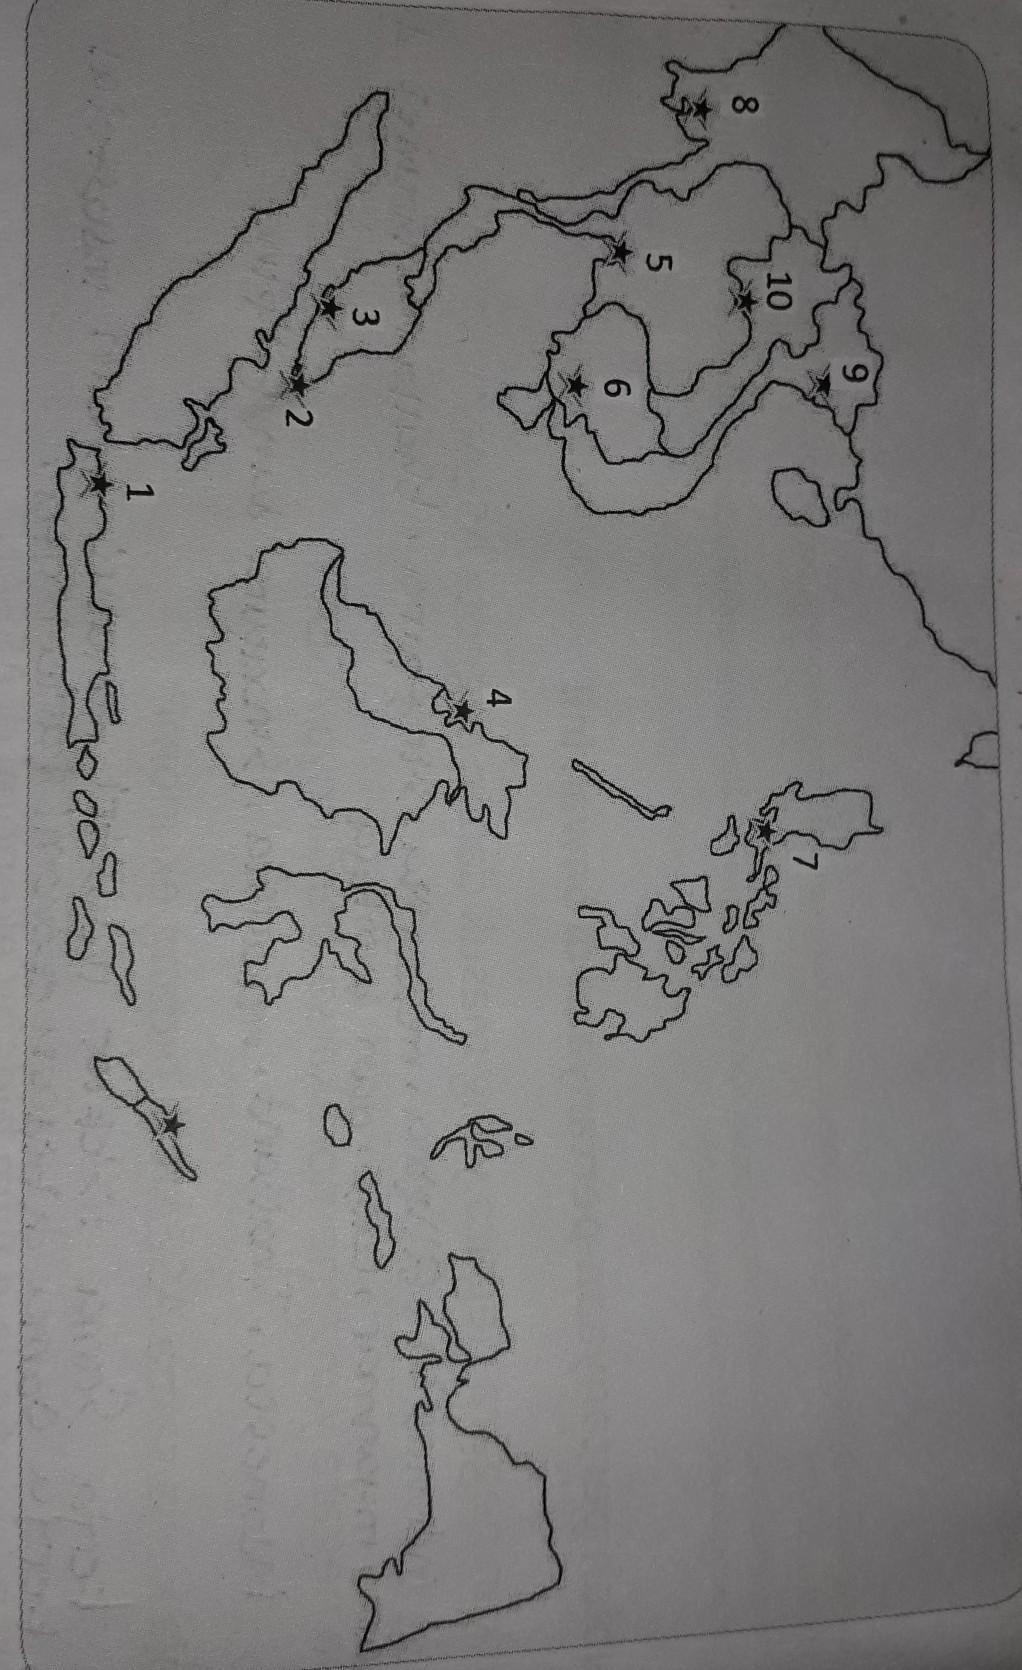 Peta Buta Asean : asean, C.tulislah, Nama-nama, Negara, ASEAN, Berdasarkan, Berikut..., Brainly.co.id